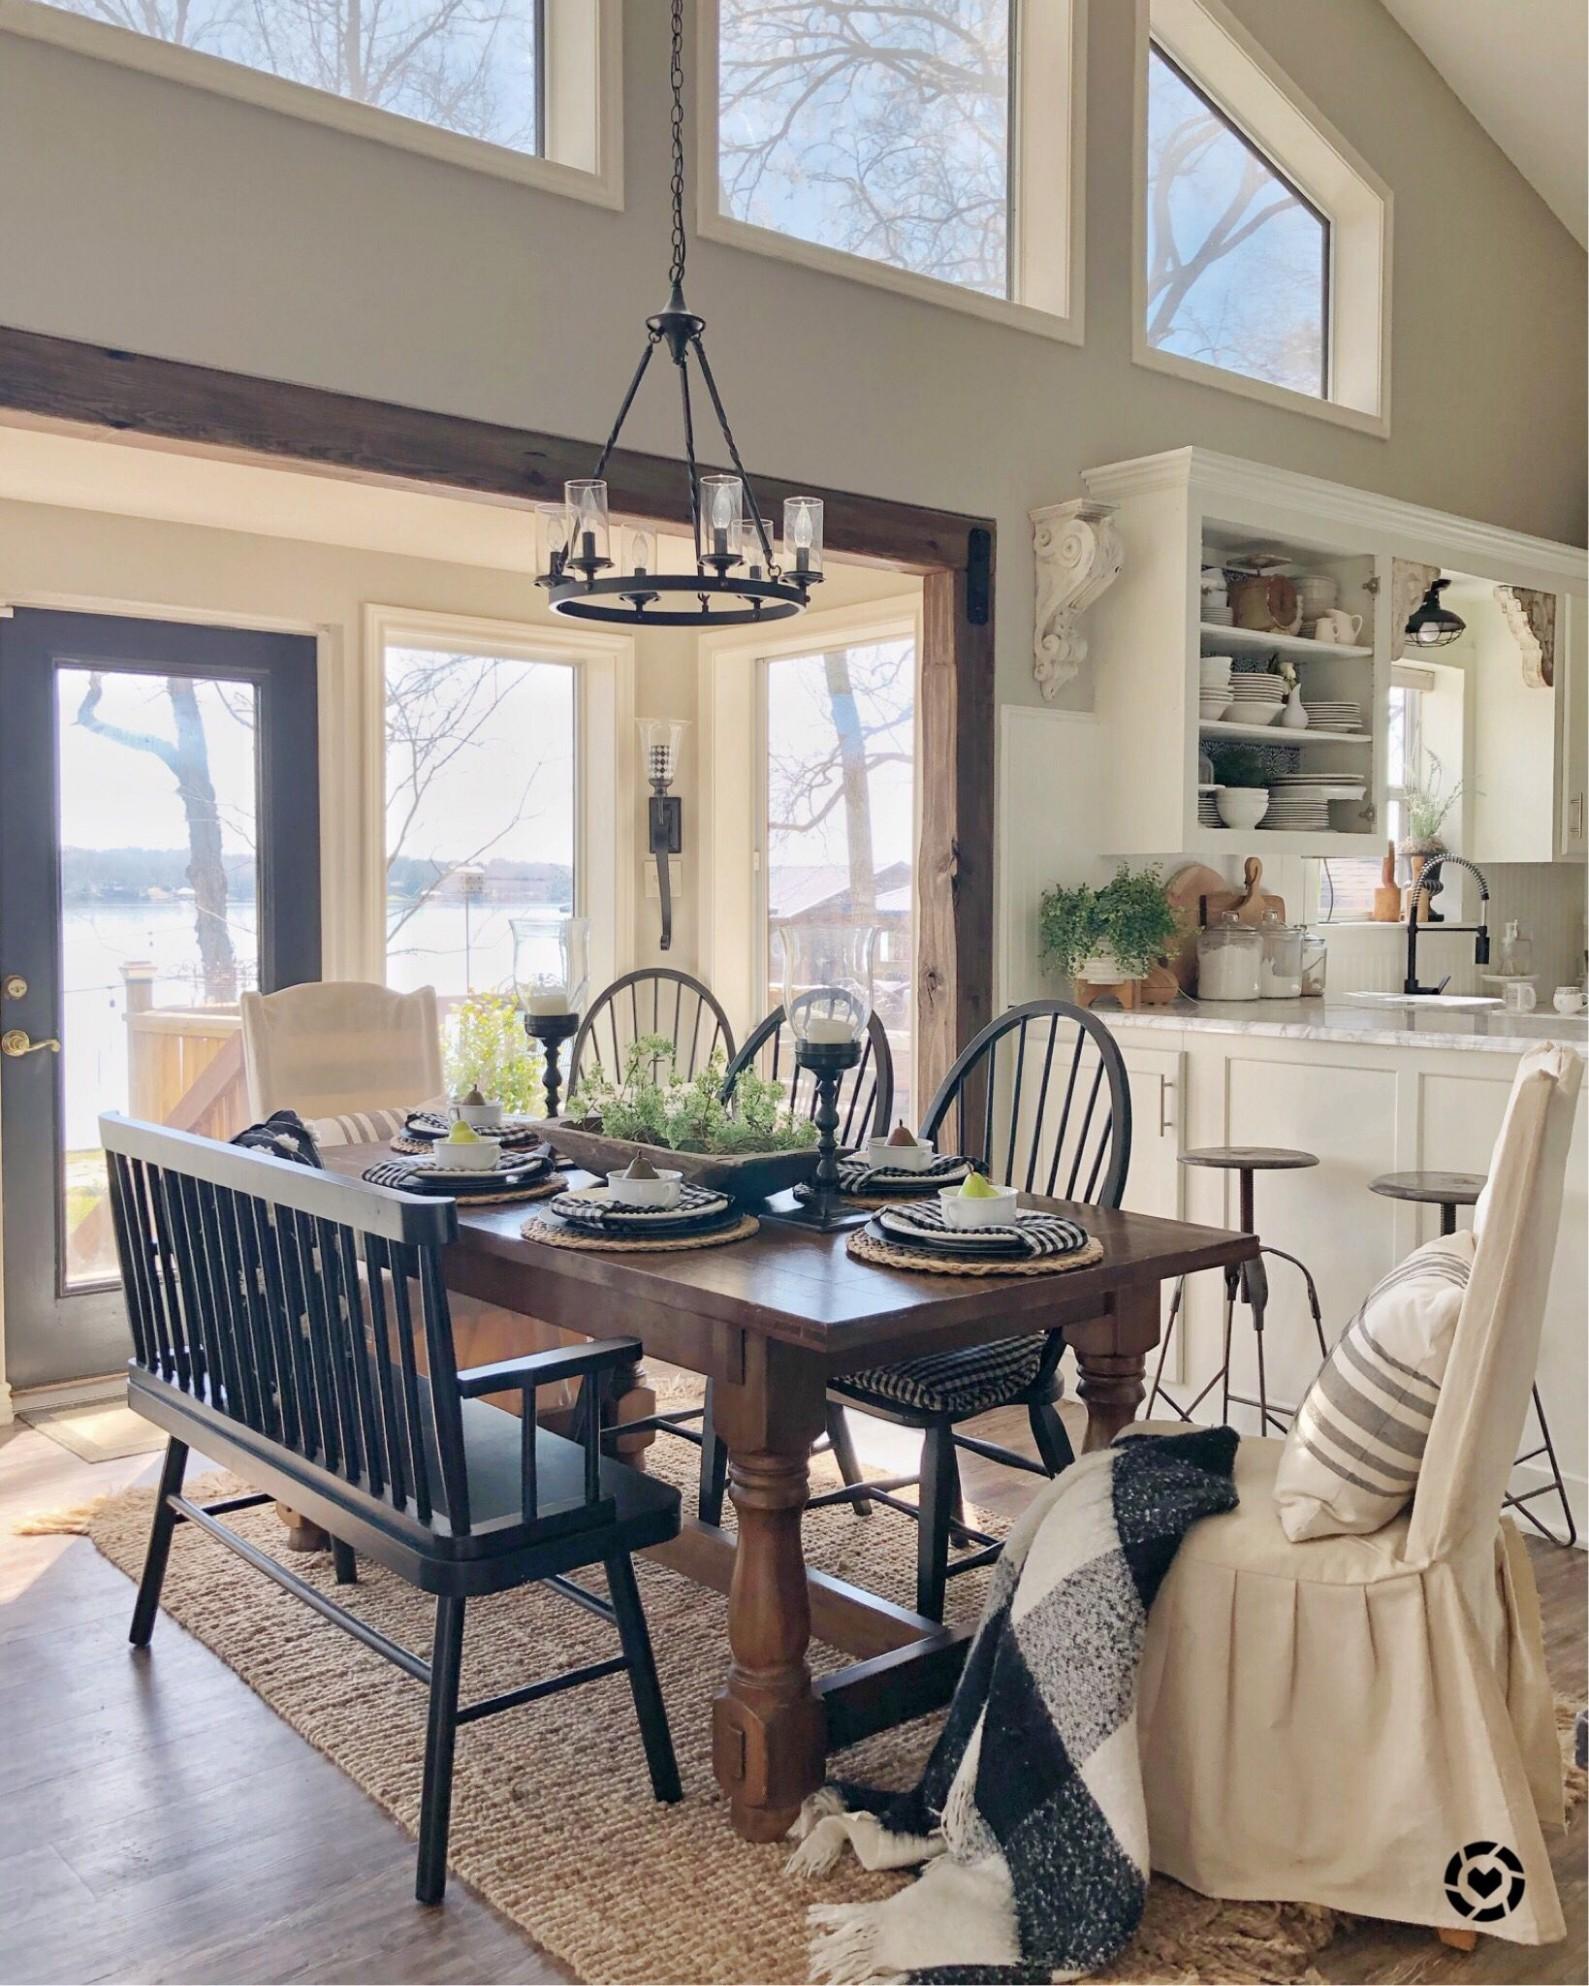 Simple modern farmhouse dining room ideas